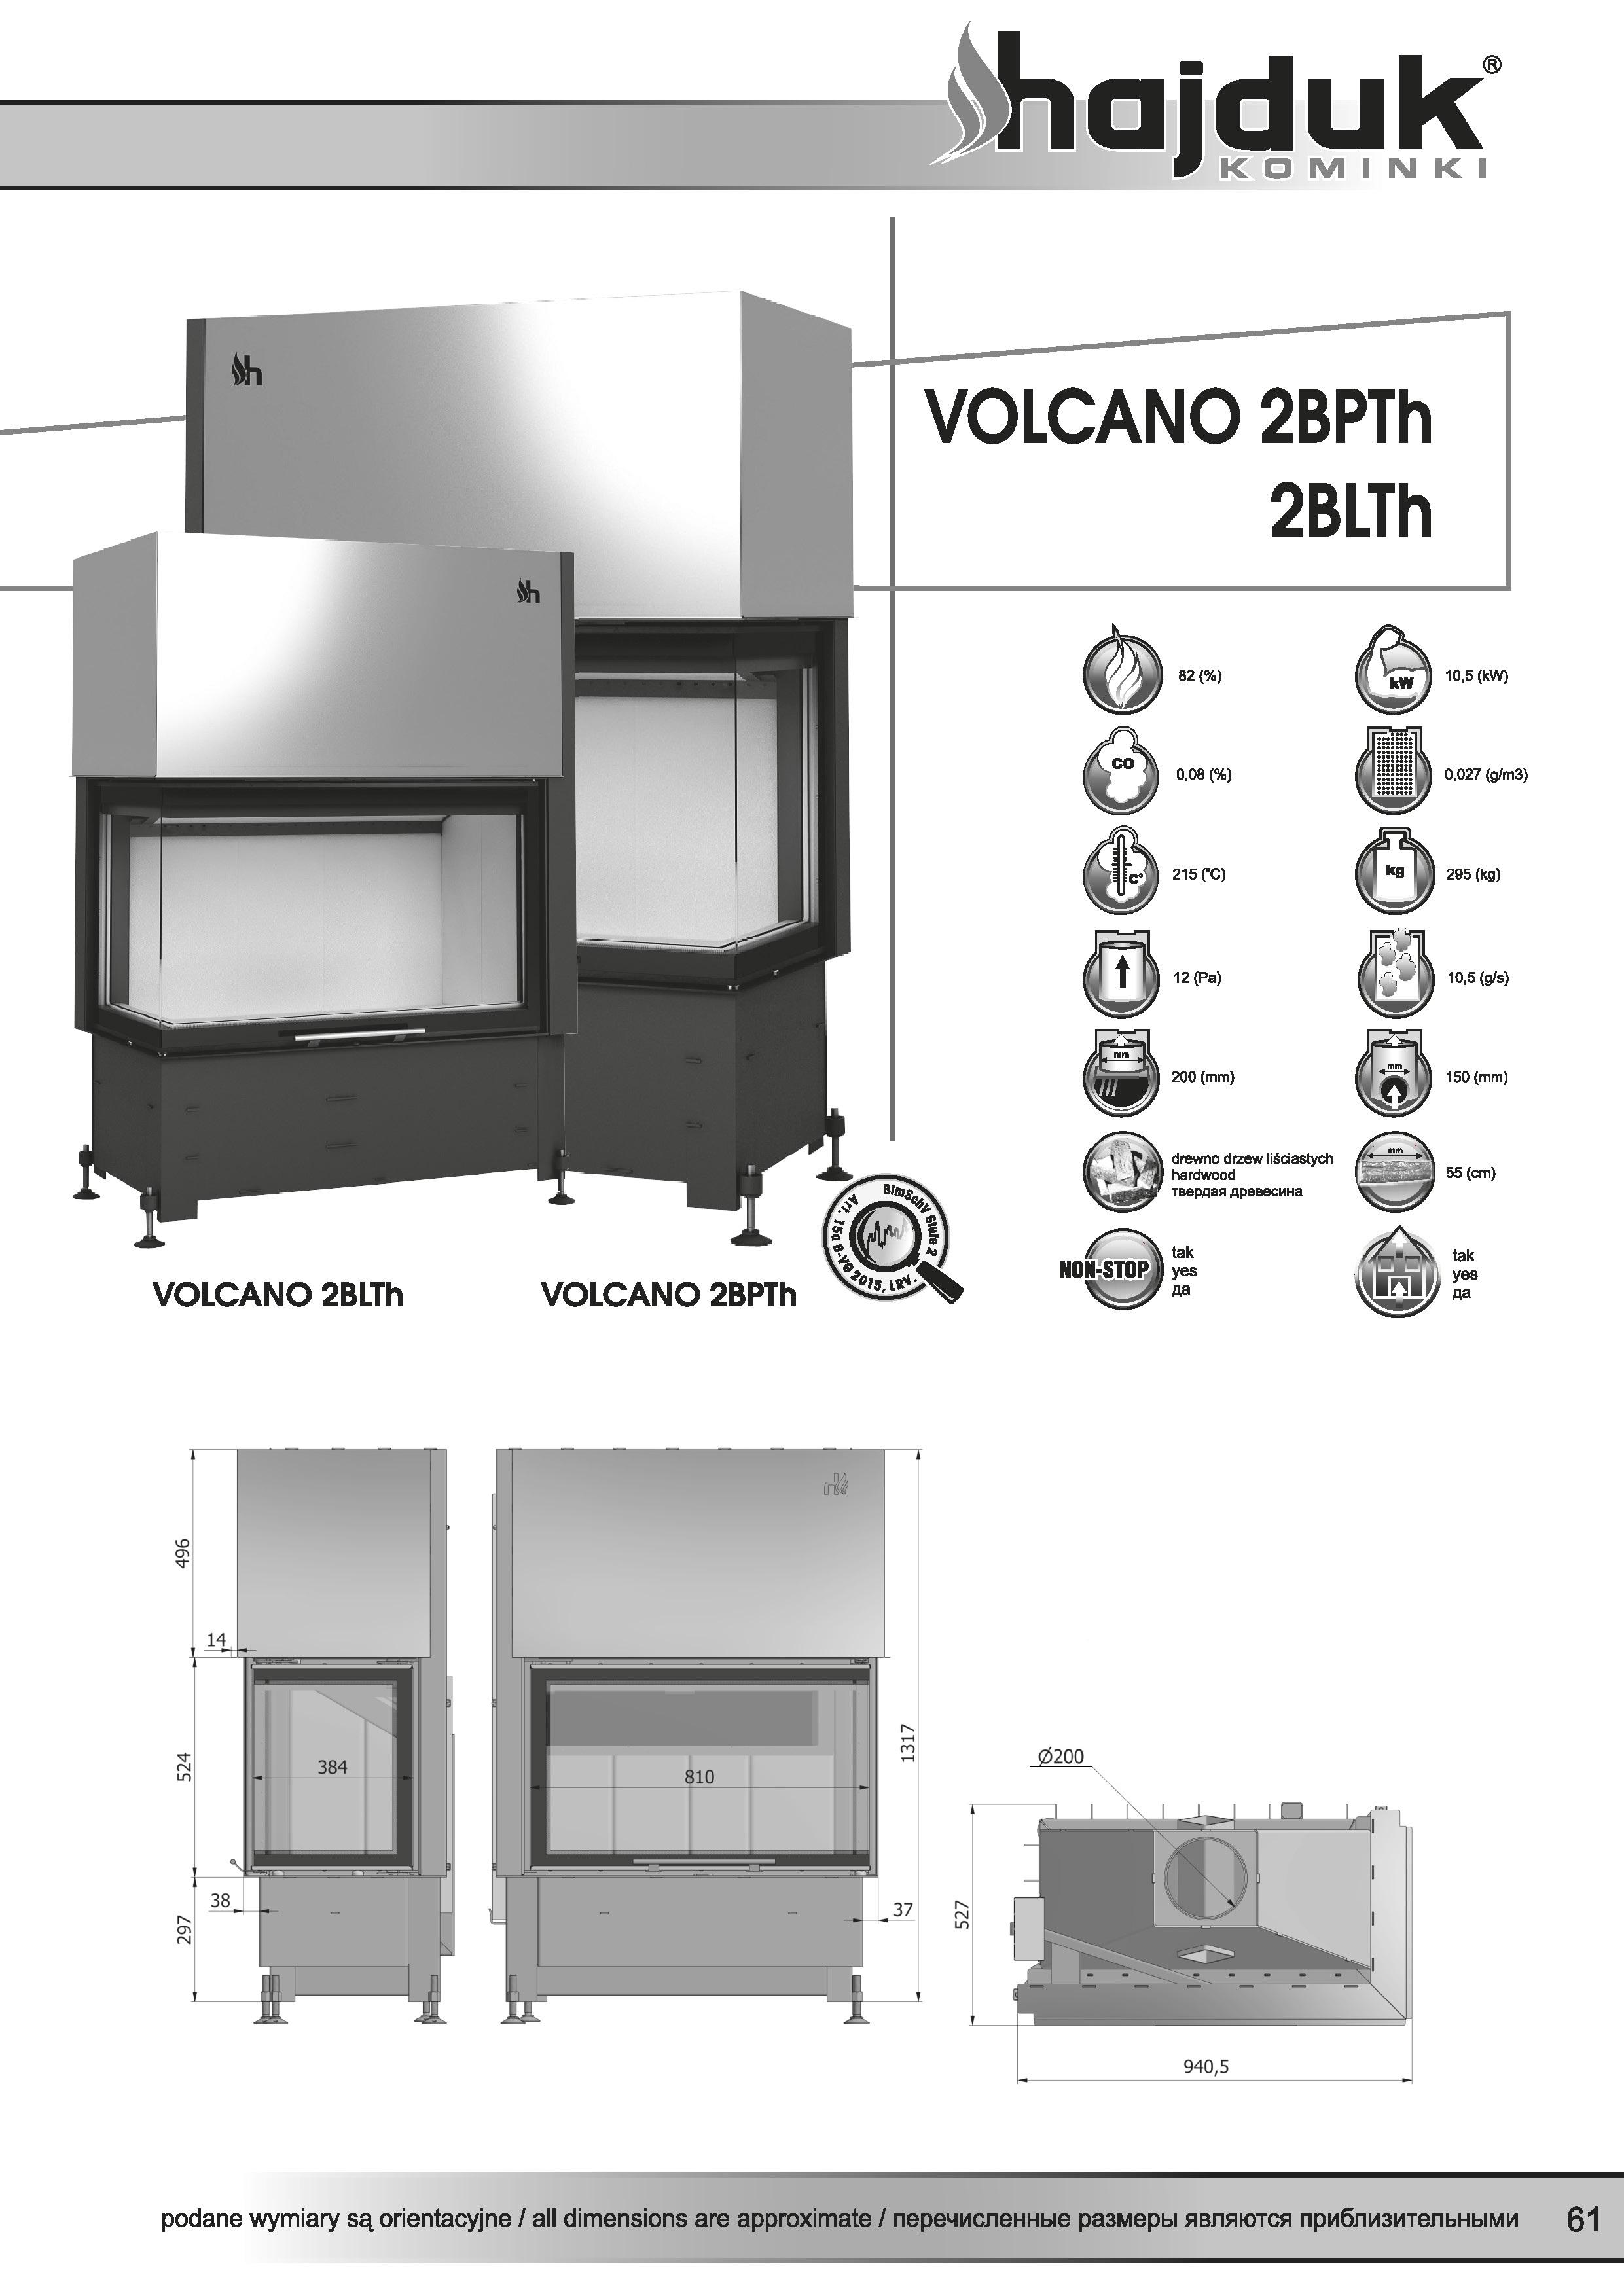 Volcano%202BPTh%202BLTh%20 %20karta%20techniczna - Wkład kominkowy Hajduk Volcano 2BLTh  - drzwiczki bezramowe